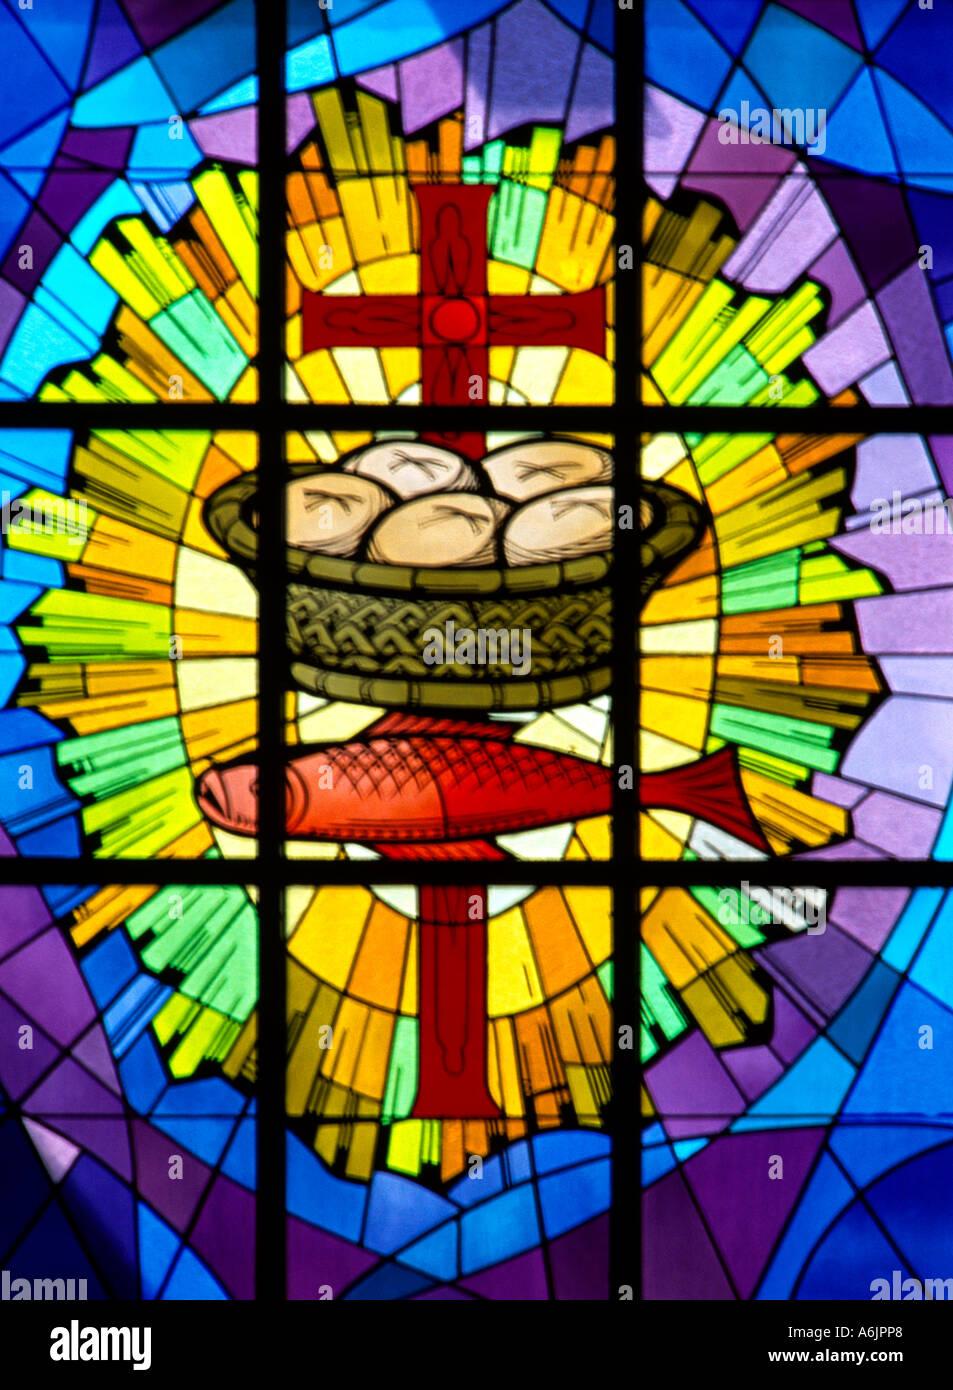 St Glass Windows Ltd